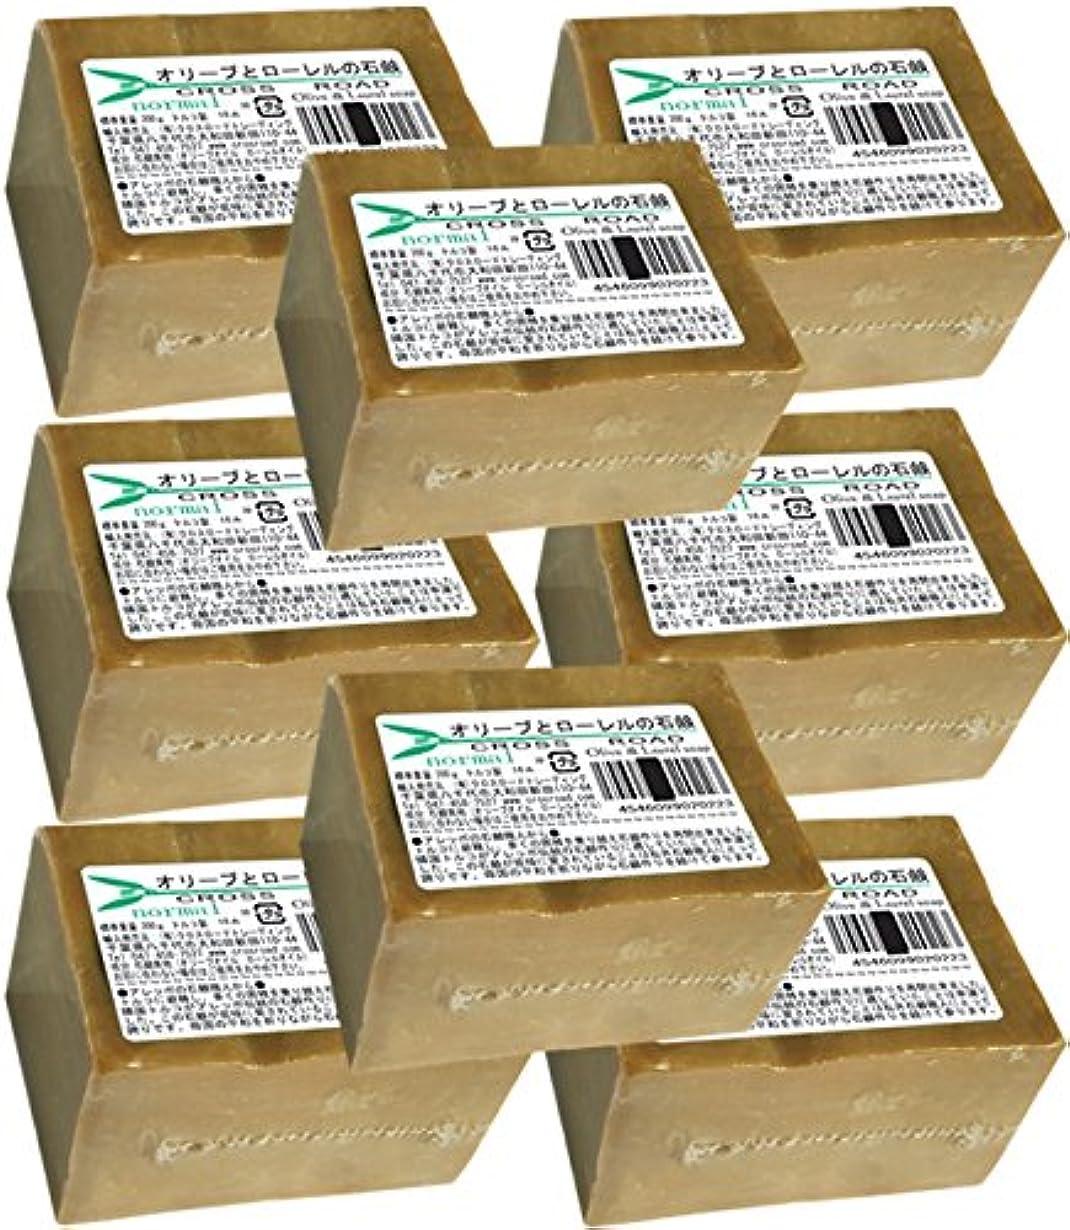 キャベツコンチネンタル前提条件オリーブとローレルの石鹸(ノーマル)8個セット[並行輸入品]